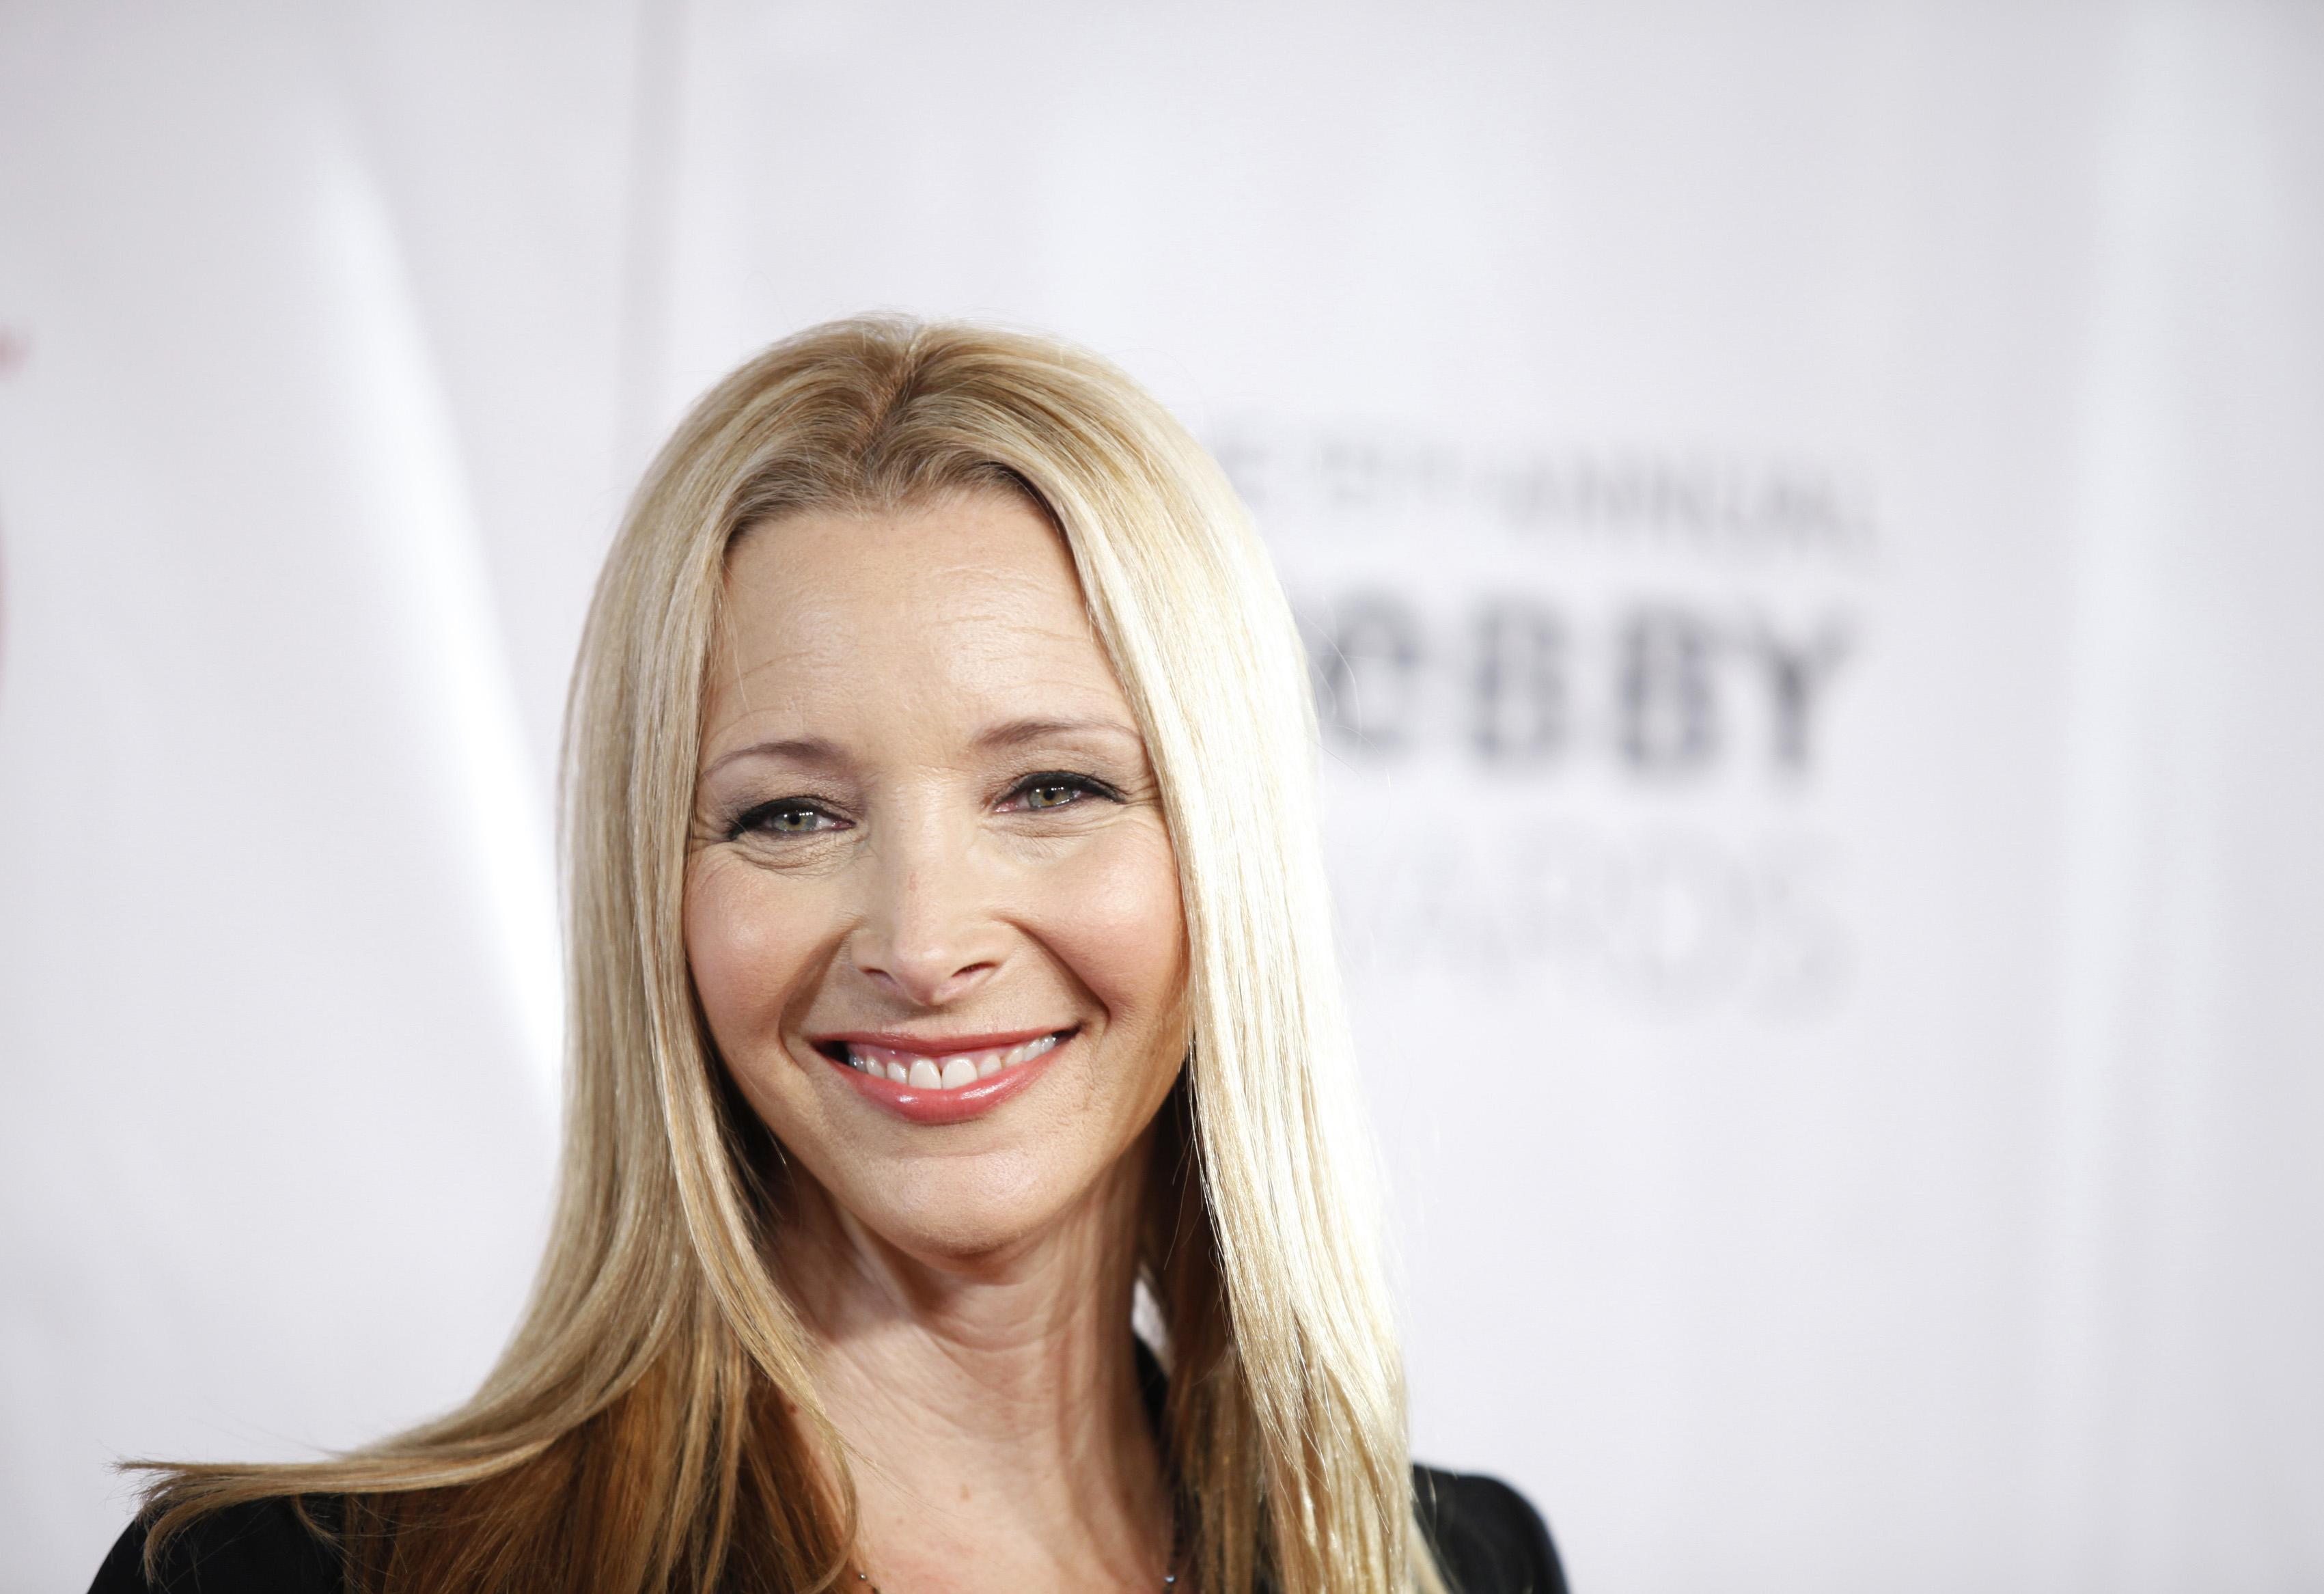 Lisa kudrow actress cute face stills